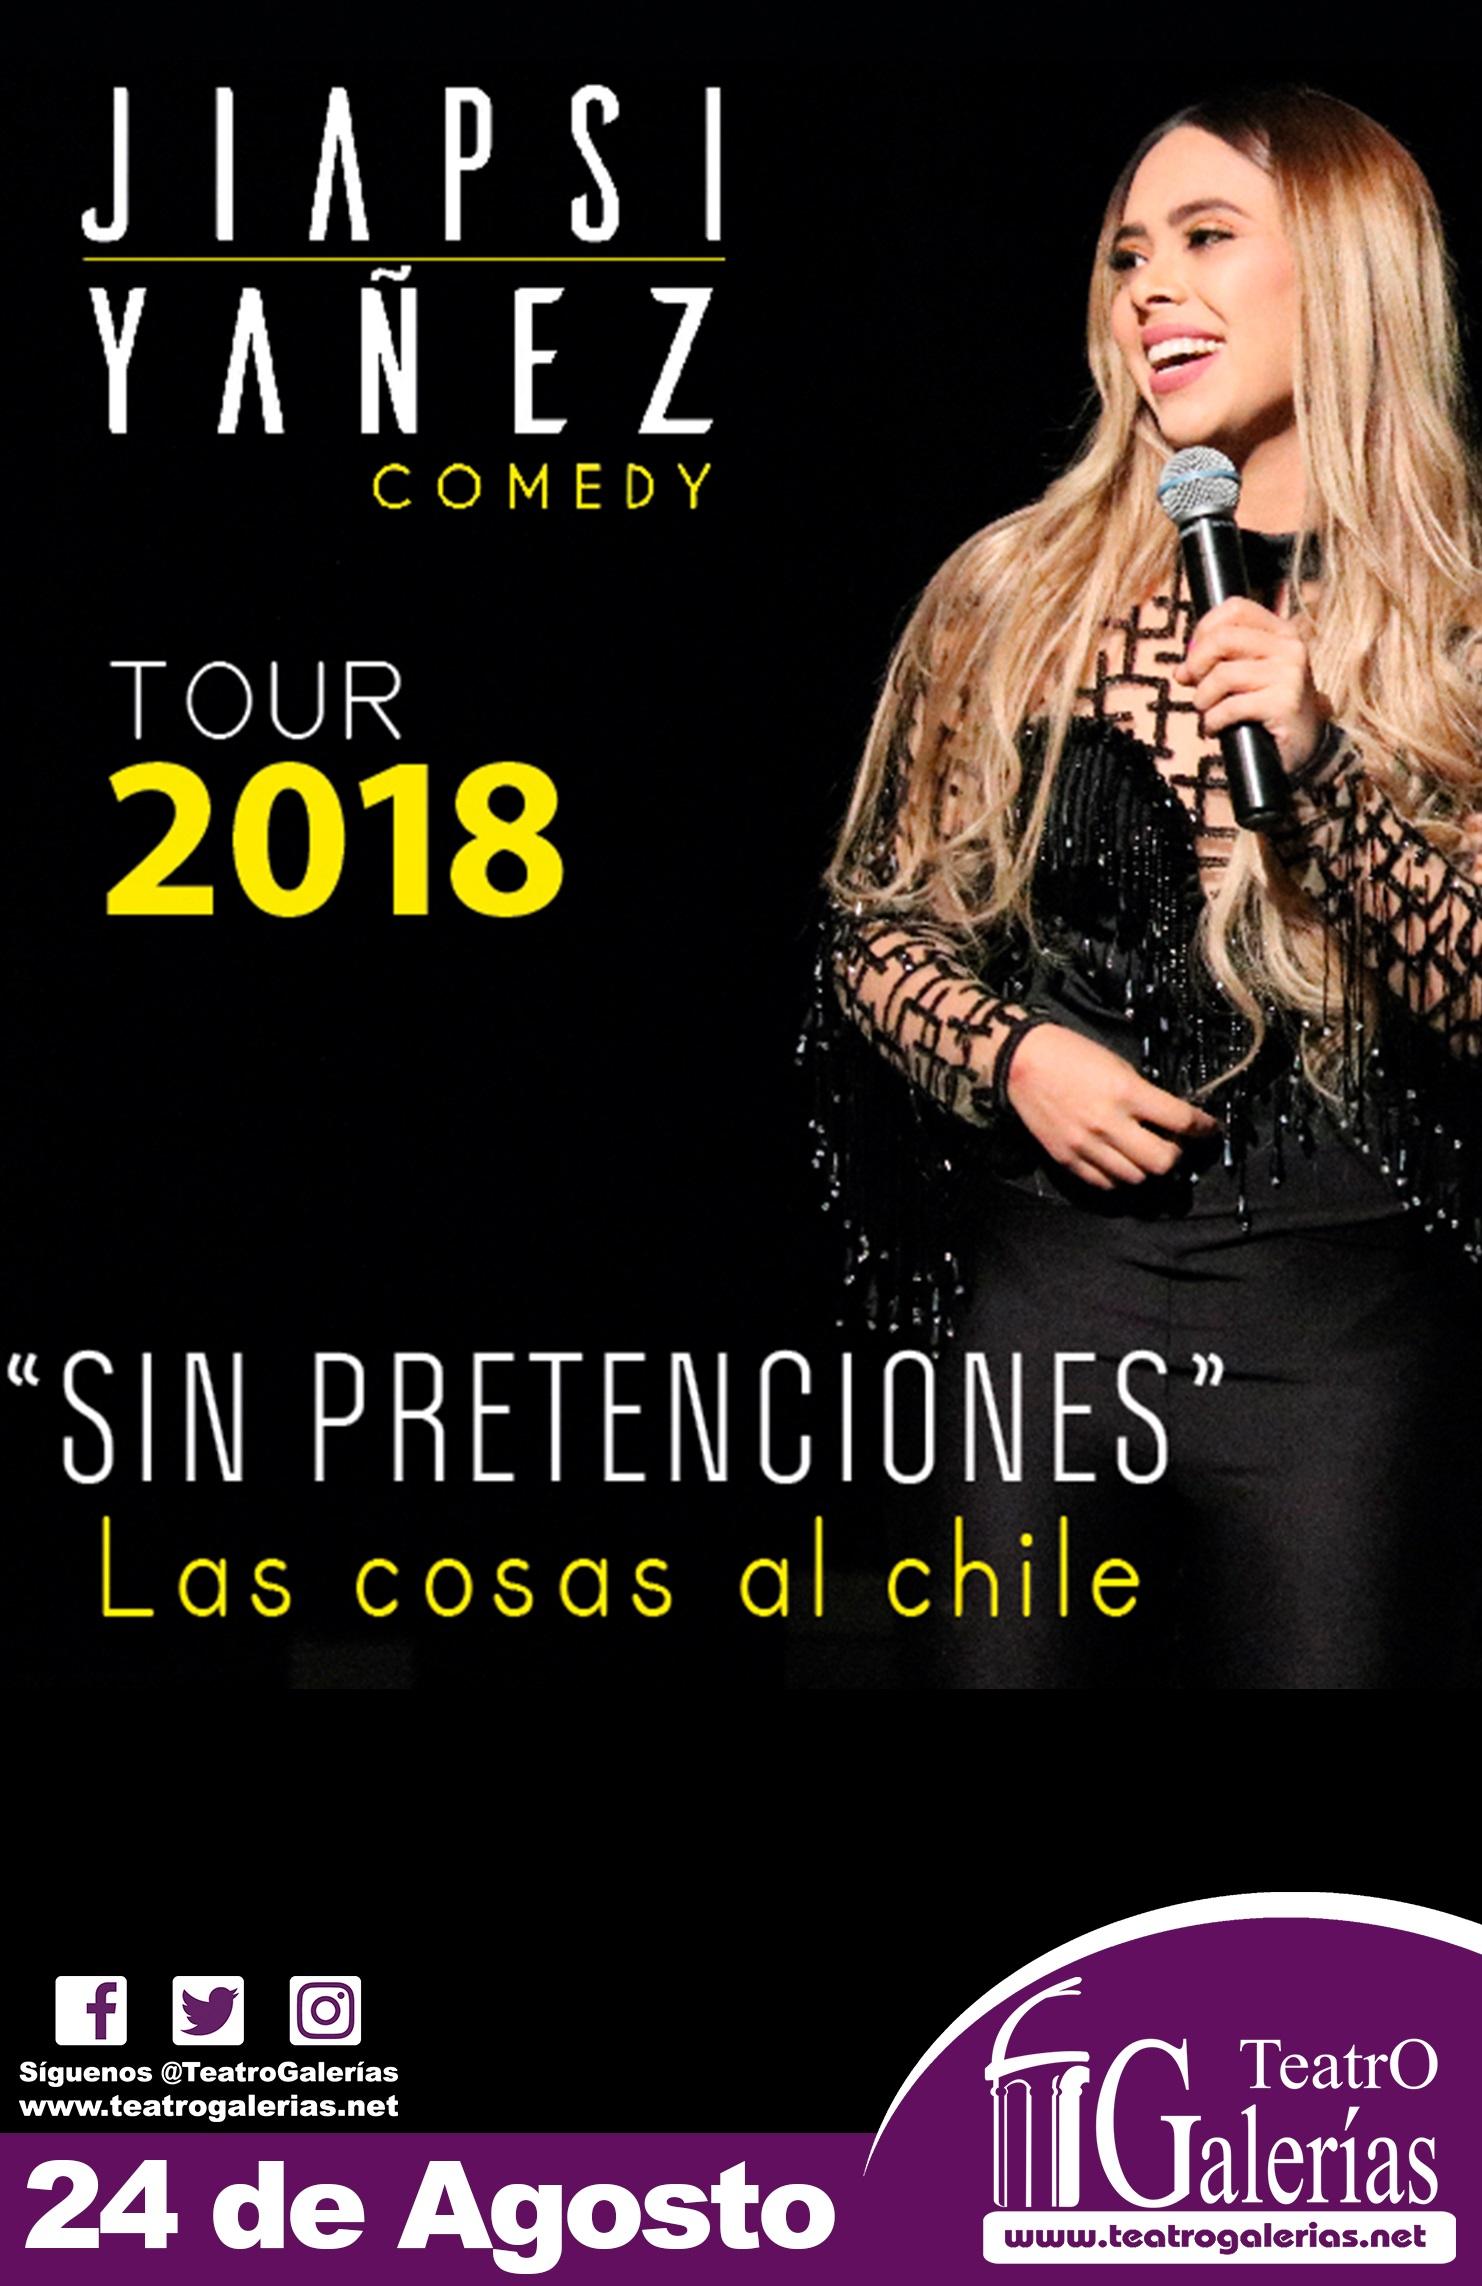 Jiapsy Yáñez / Teatro Galerías